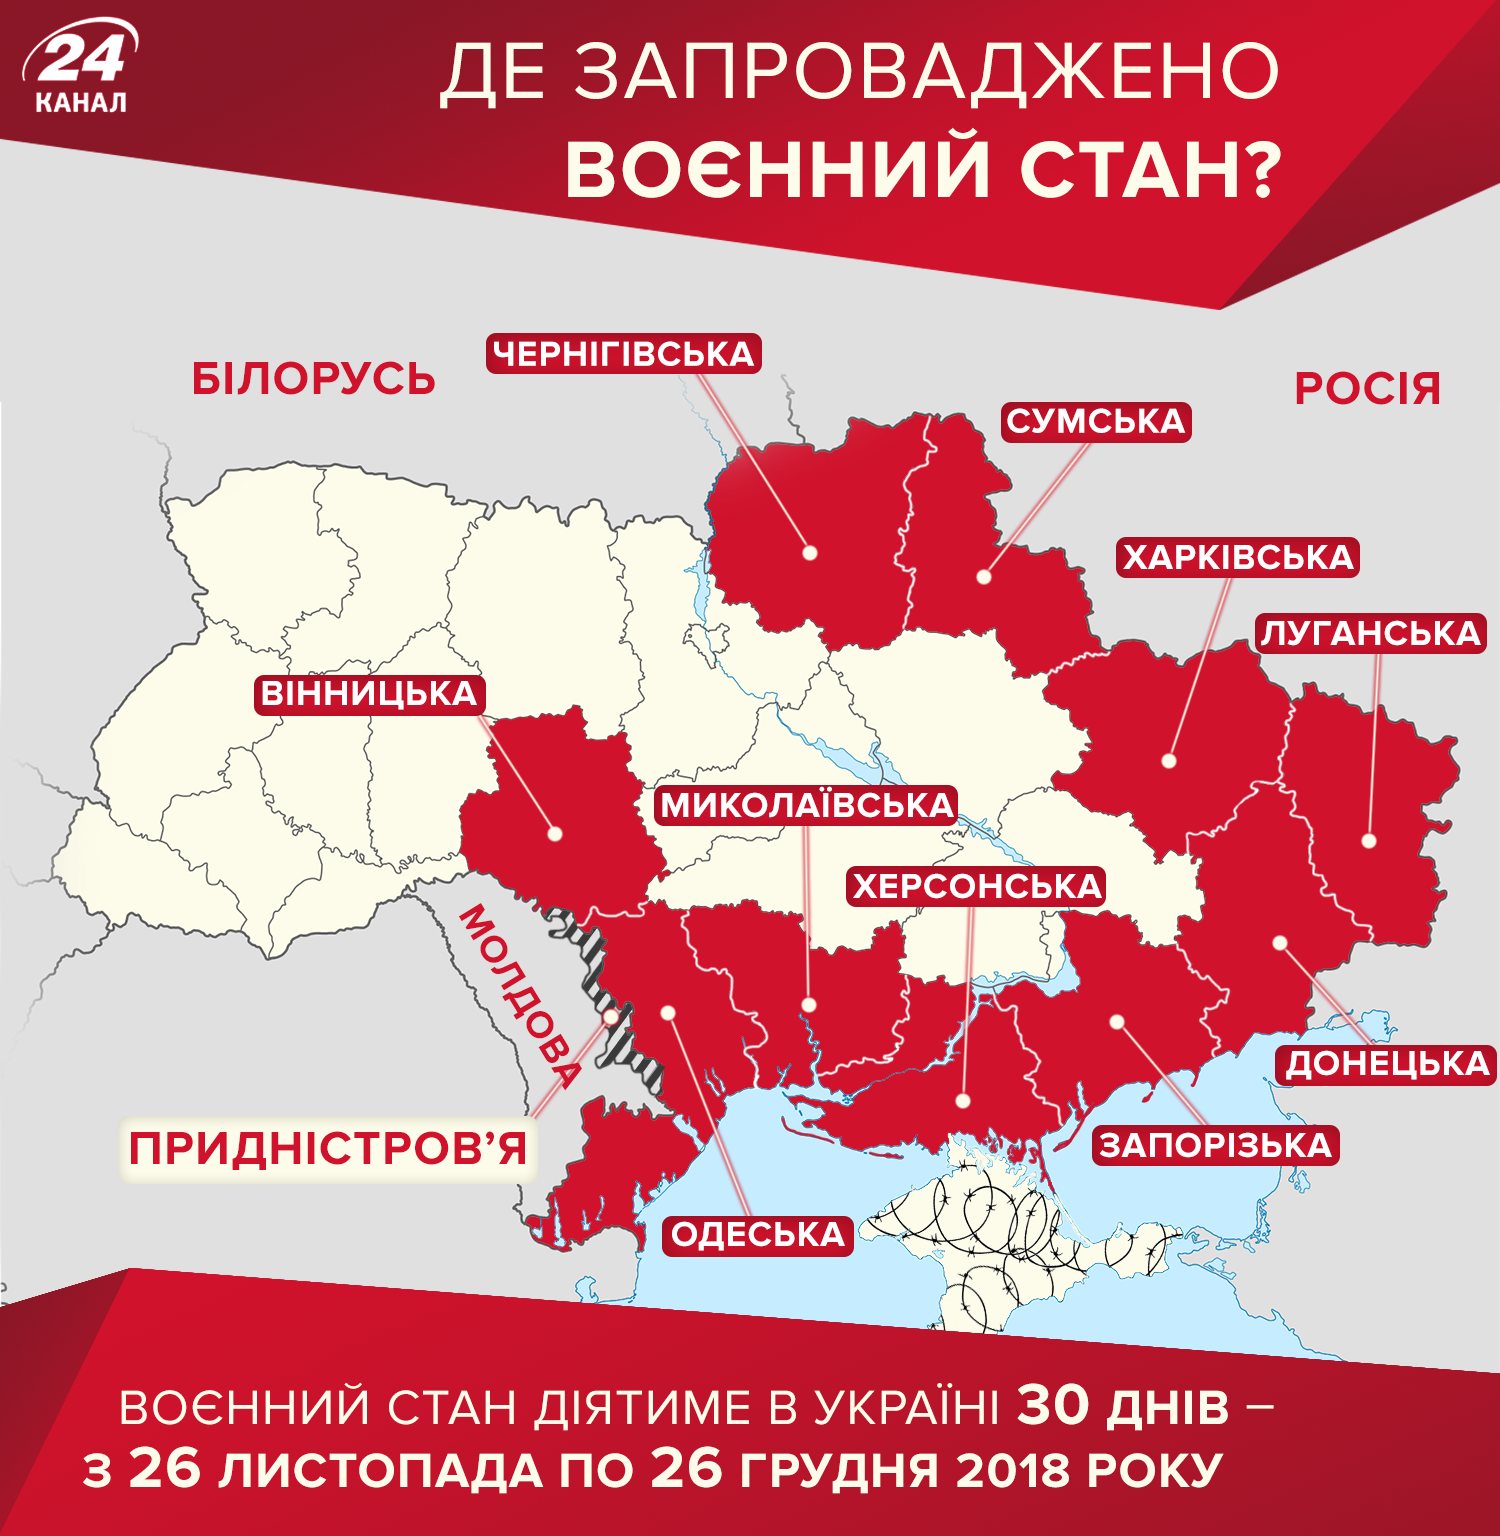 Воєнний стан в Україні карта